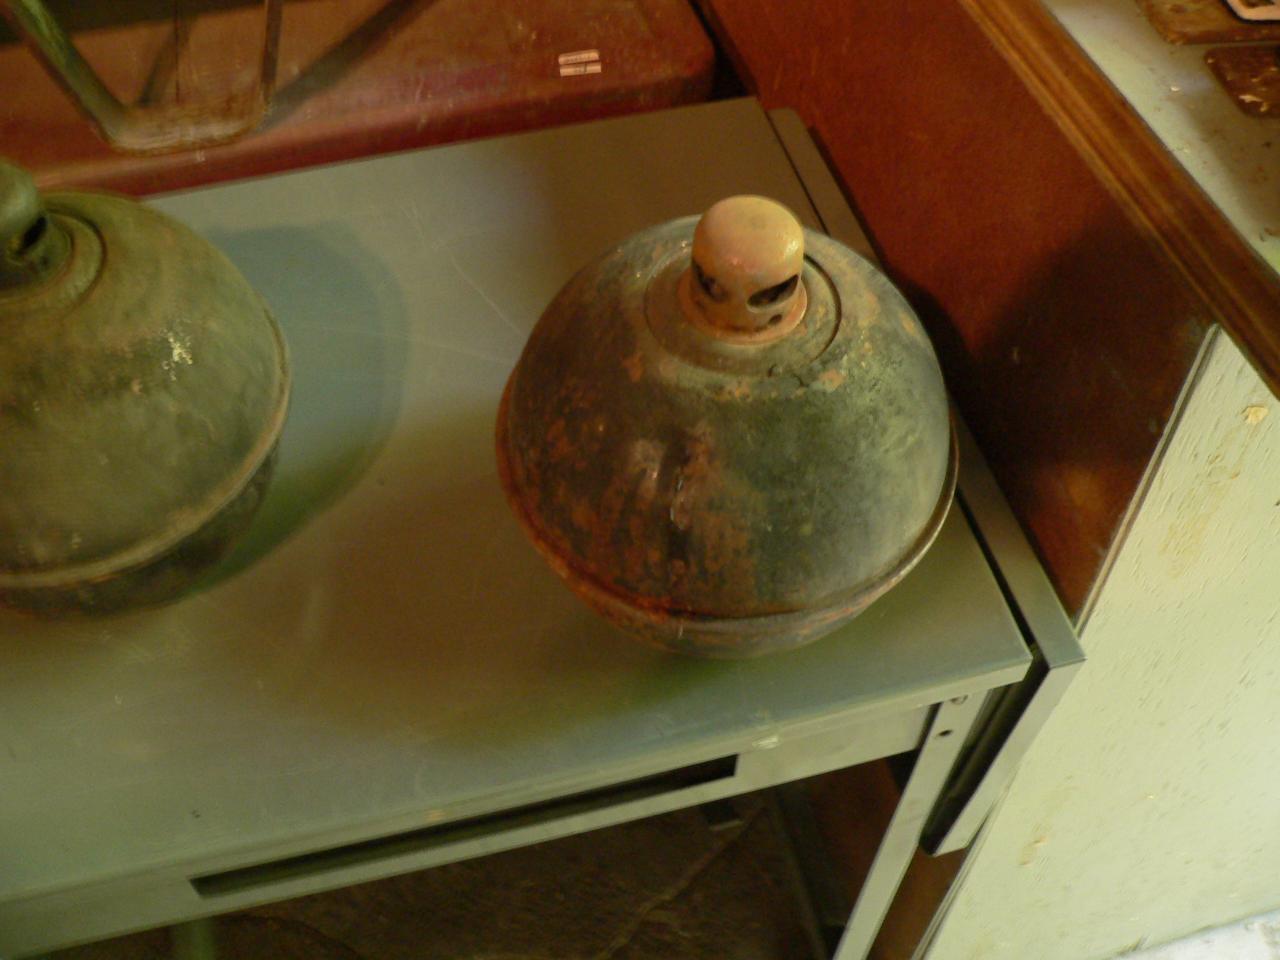 lampe Toledo antique # 3196.1